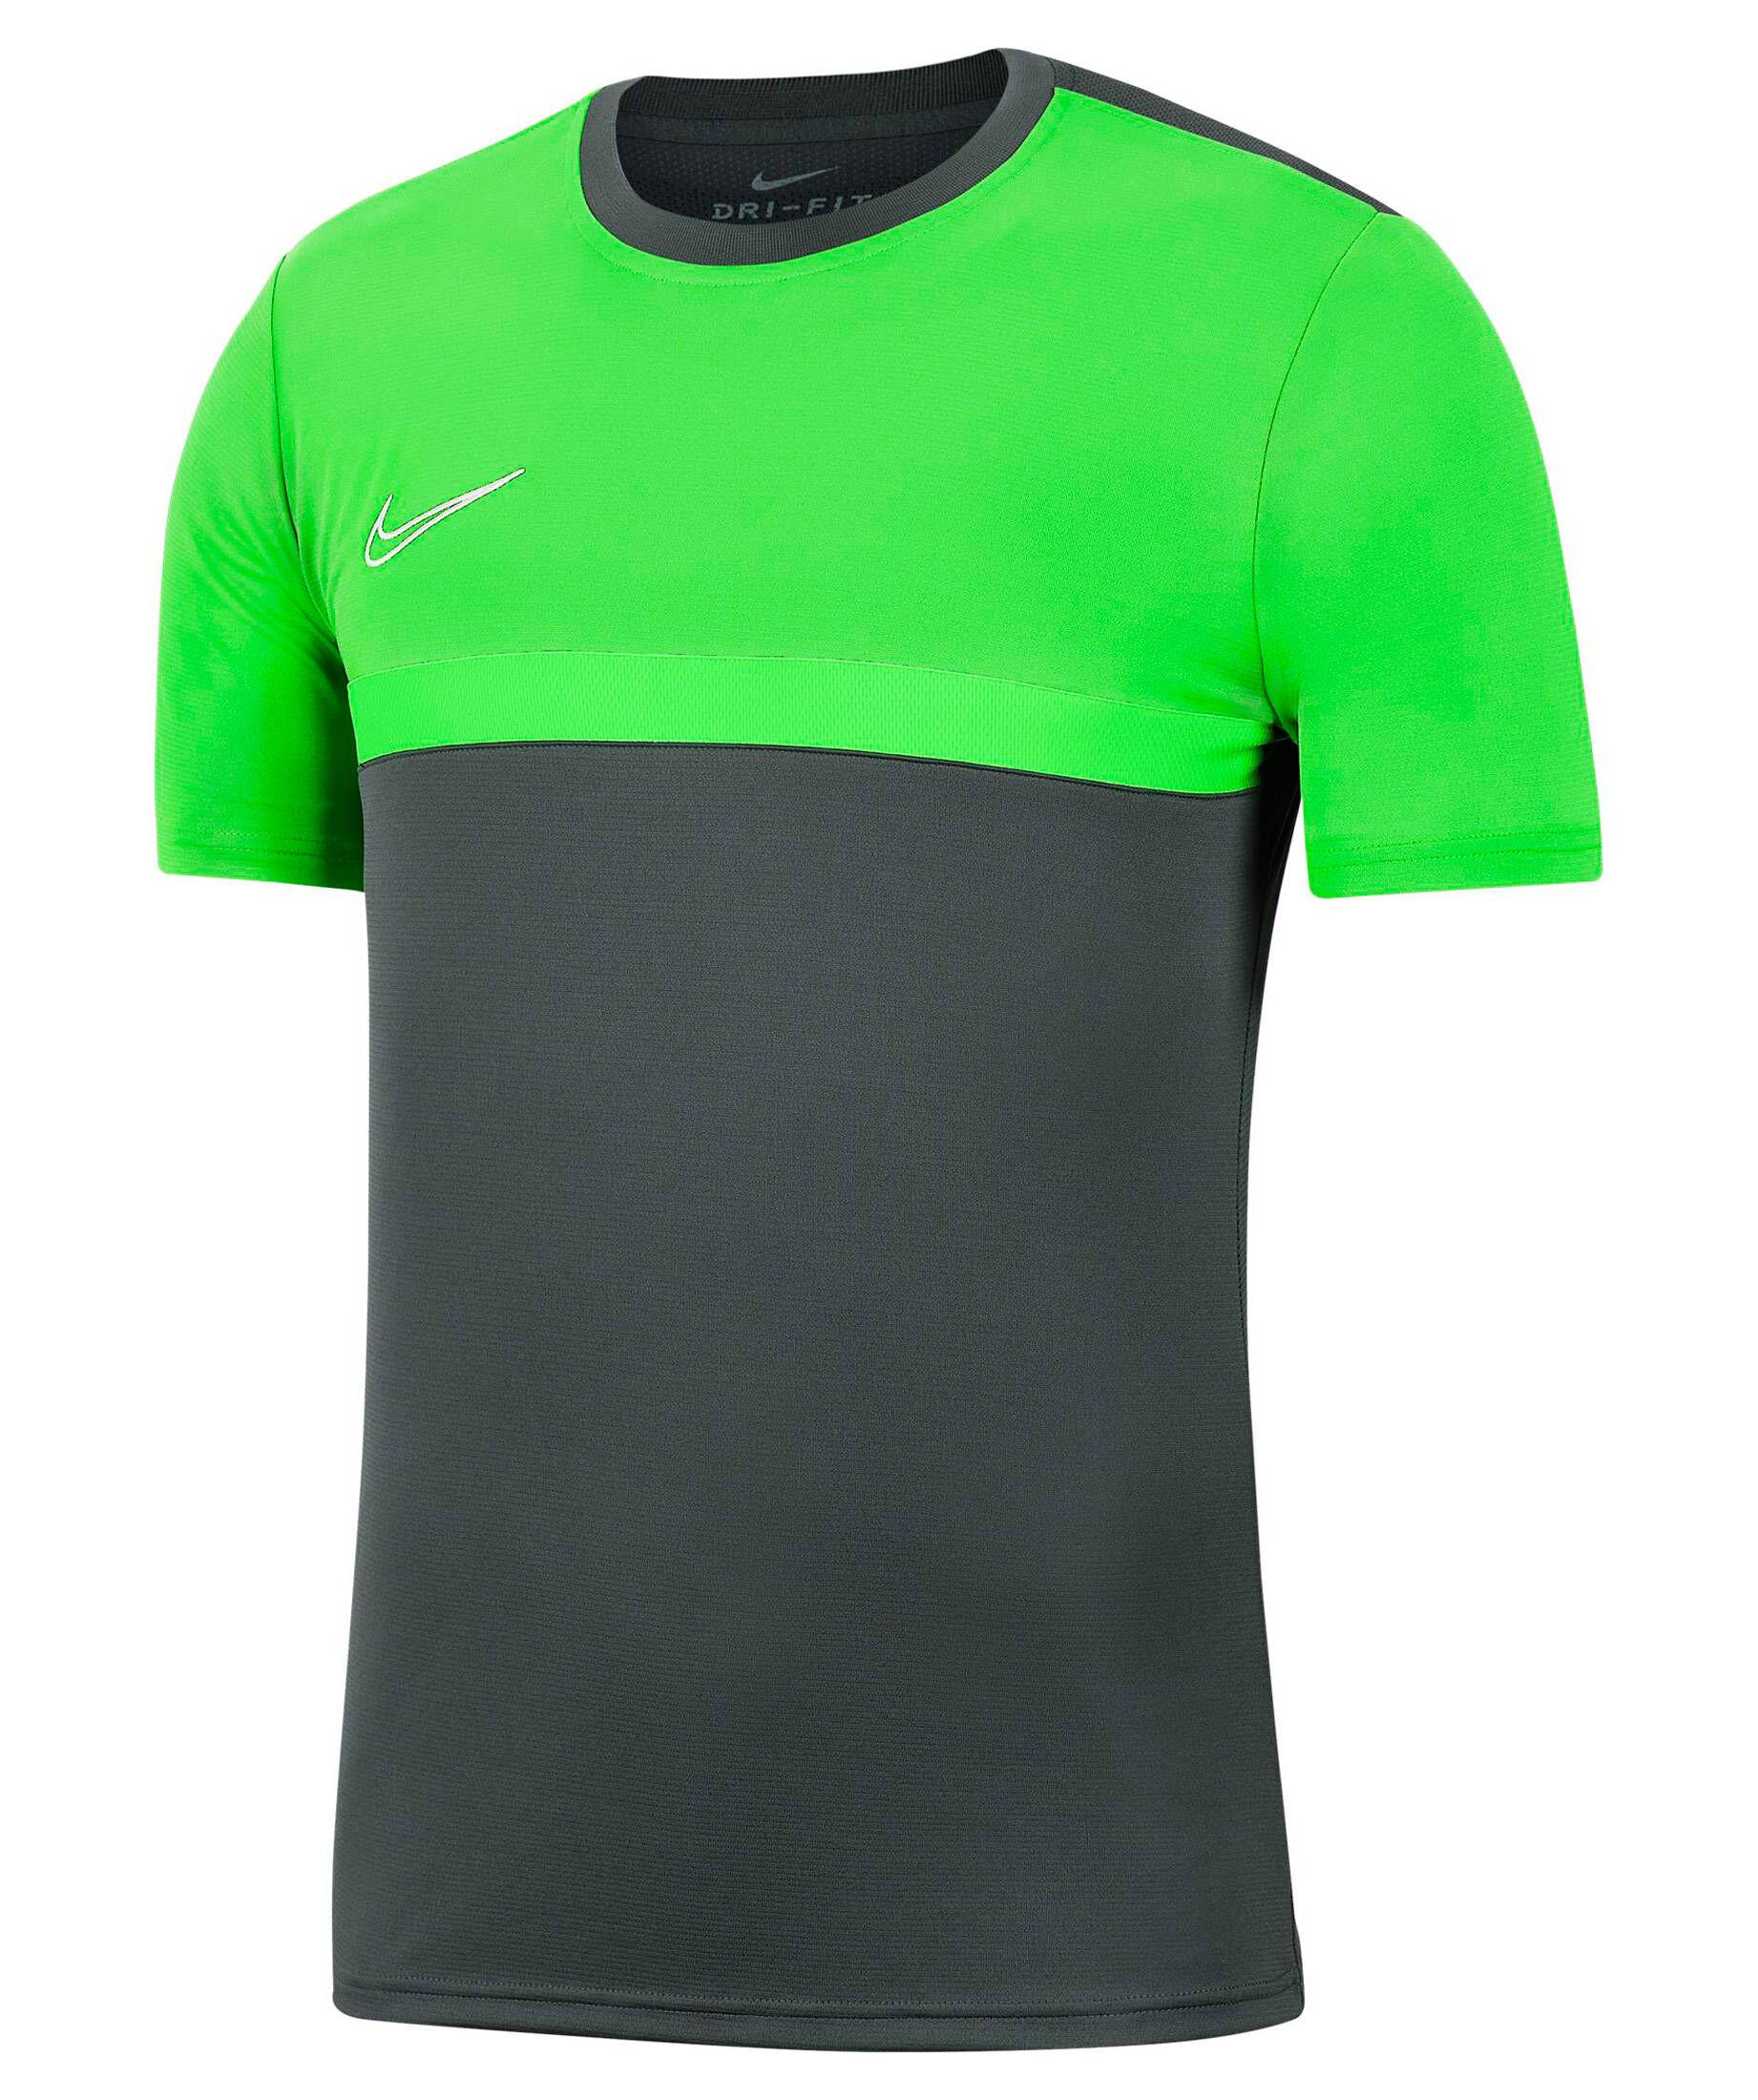 Fußball Equiment online shoppen | engelhorn